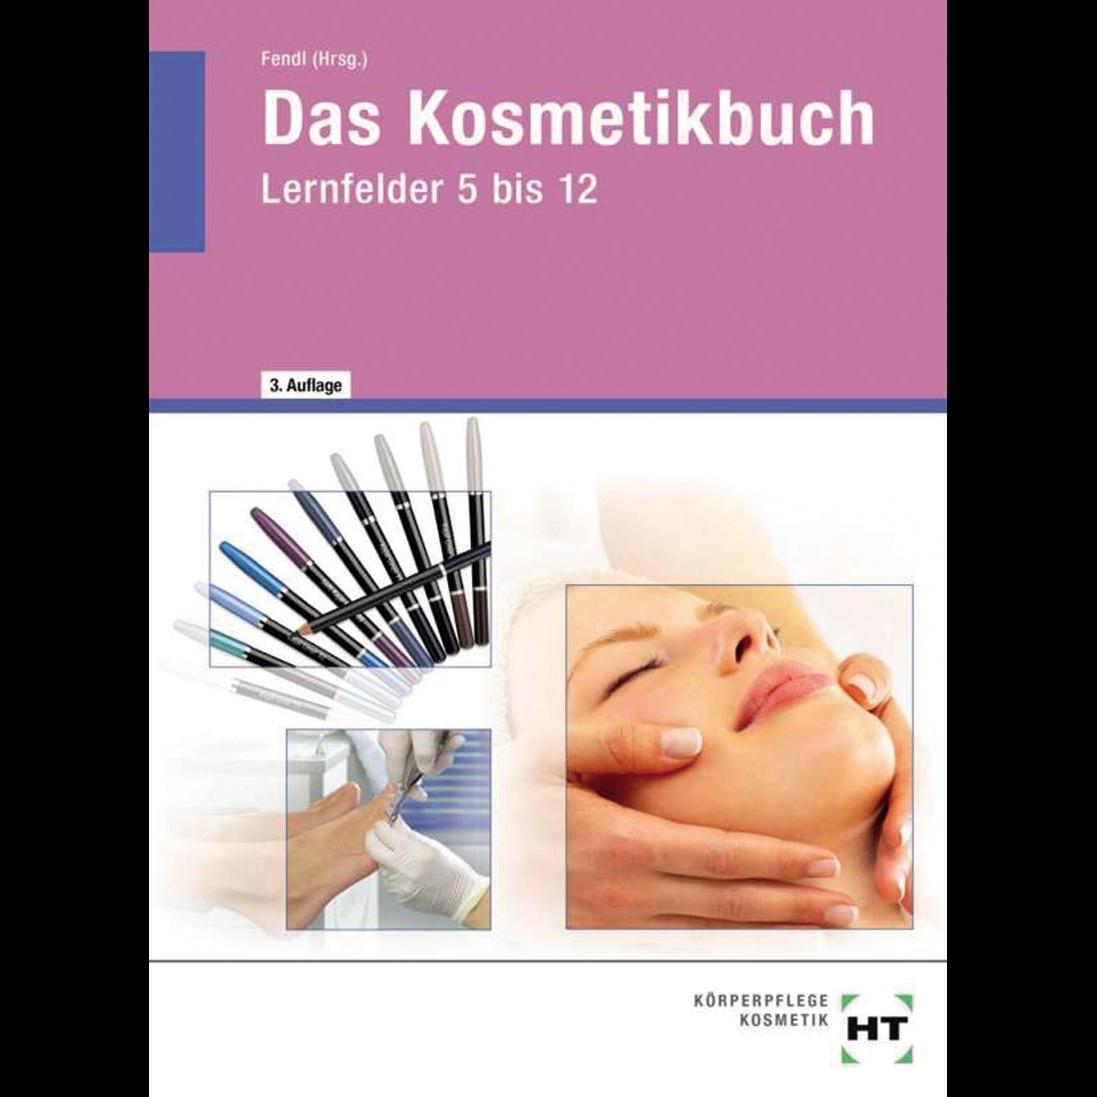 Das Kosmetikbuch in Lernfelder 5-12 424 Seiten